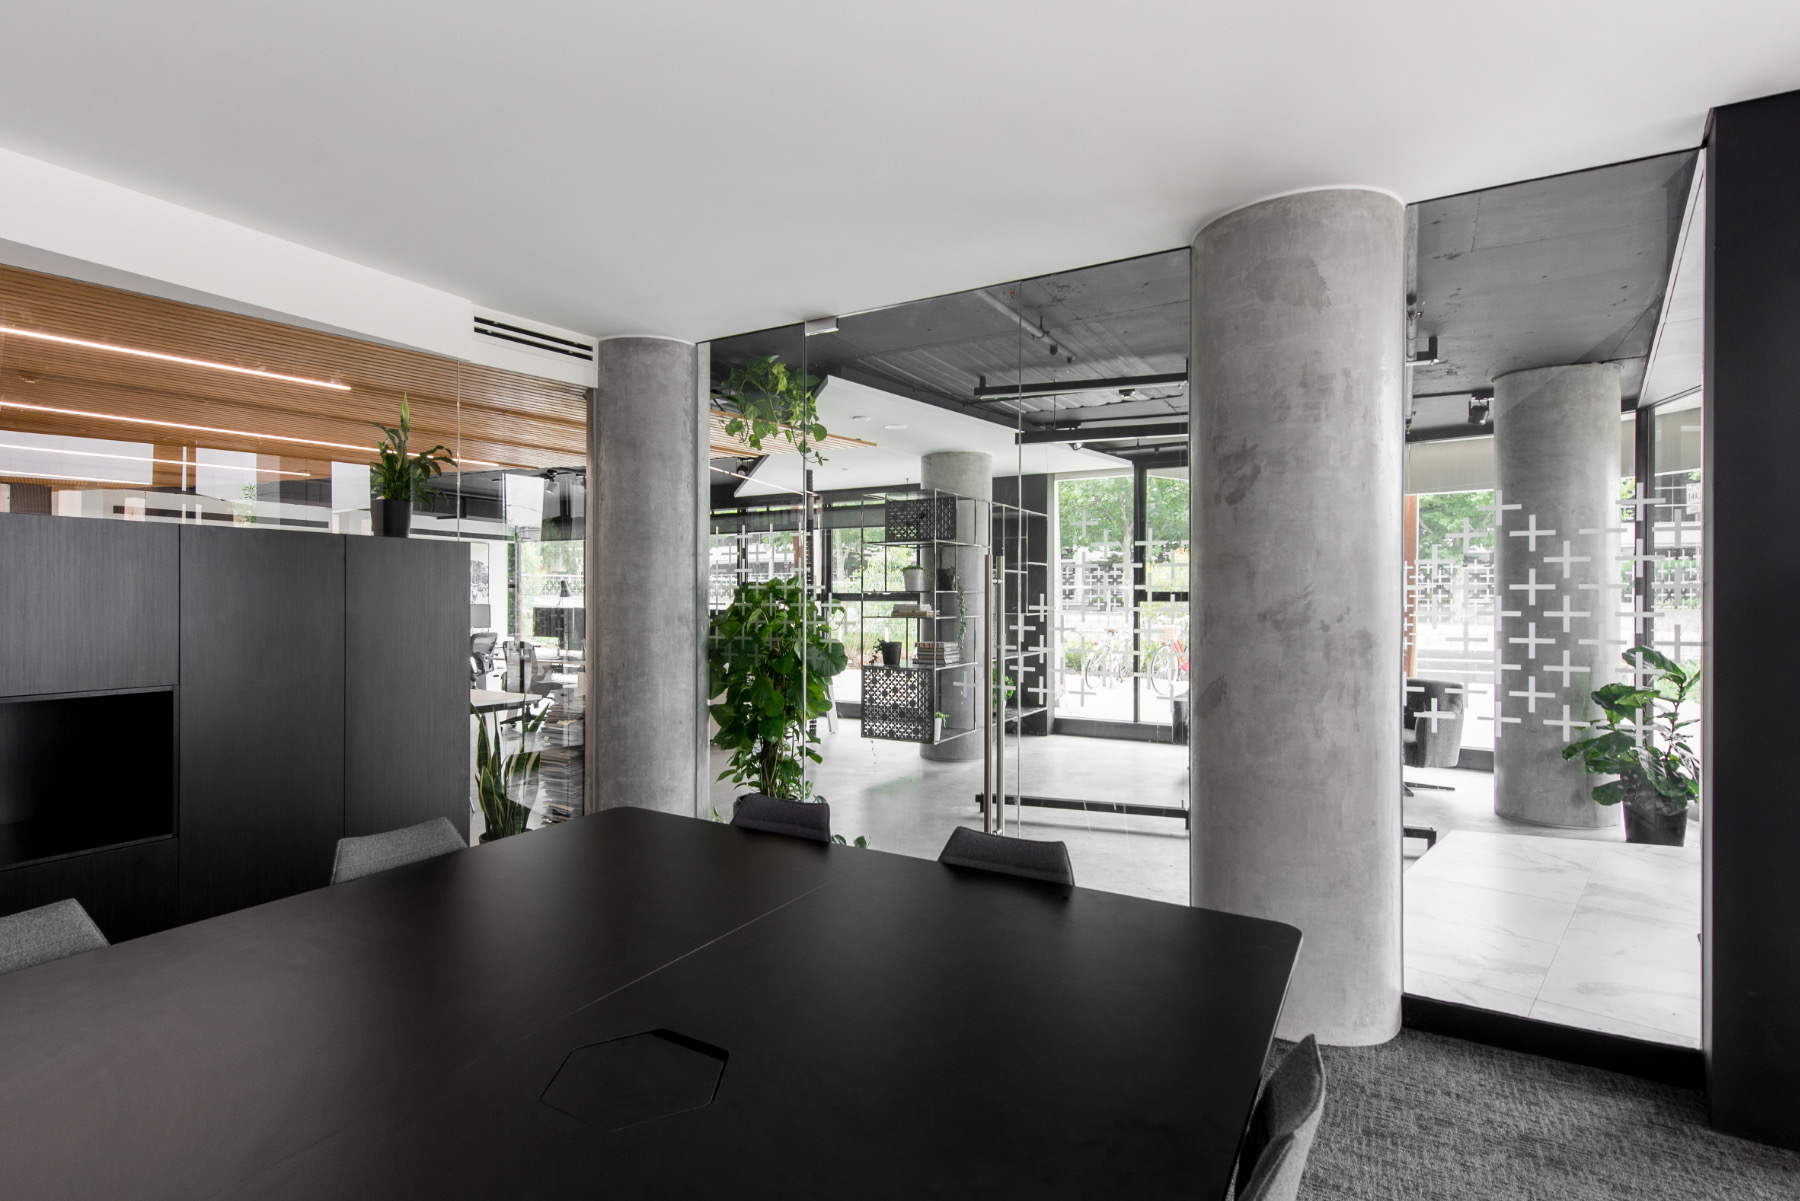 sgks-studio-office-5